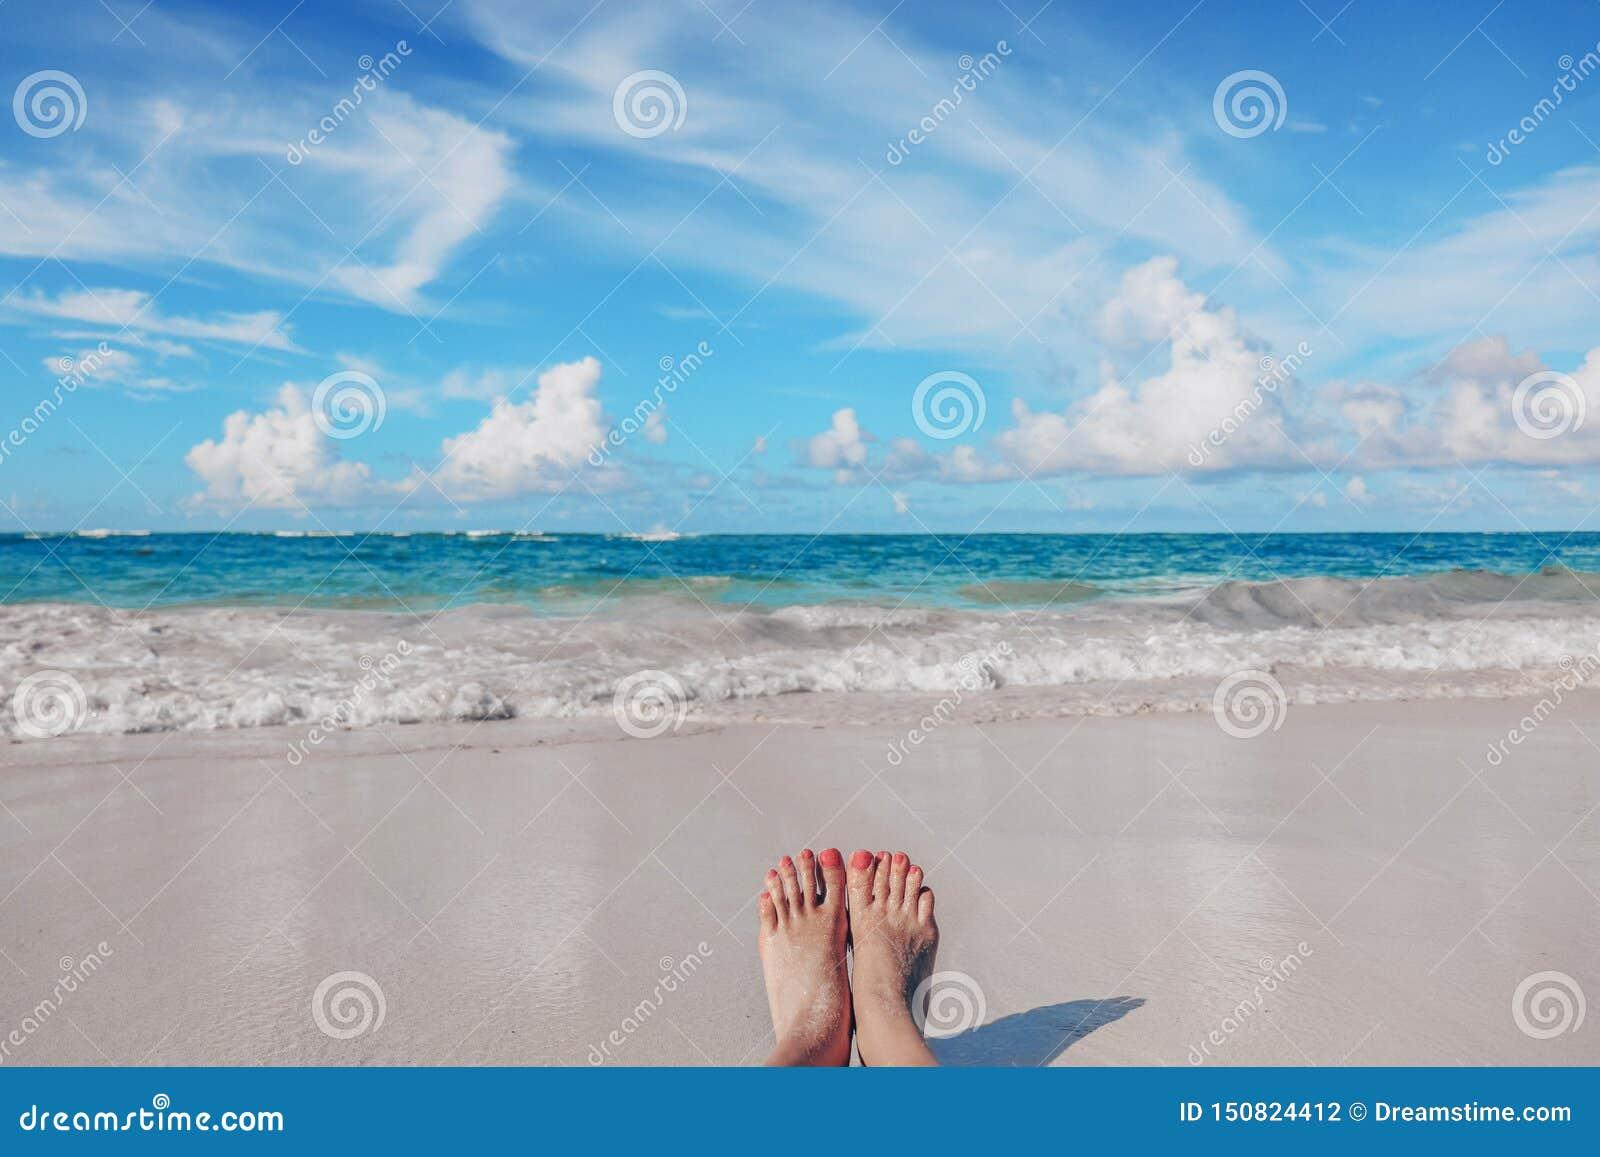 Woman`s feet on the tropical Caribbean beach. Ocean and blue sky